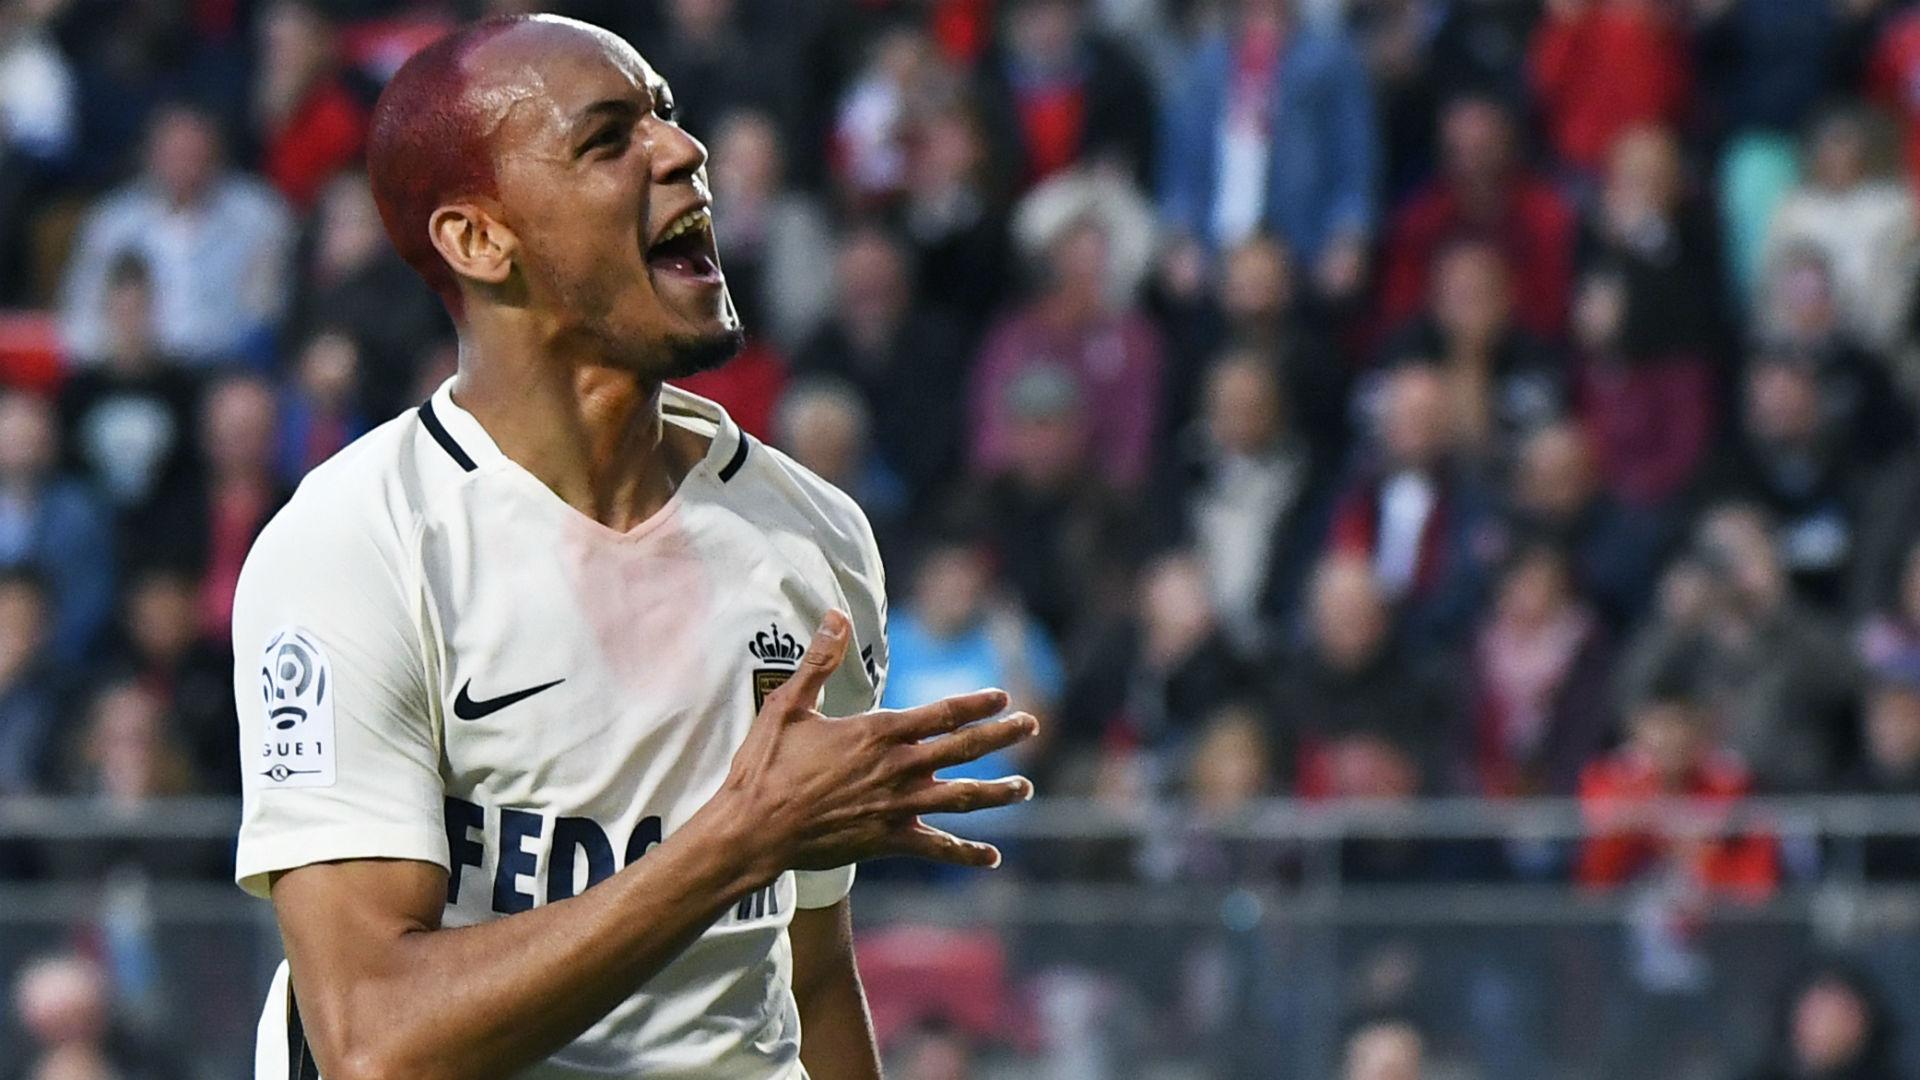 Calciomercato Juve: c'è il sì di Fabinho, Deco conferma